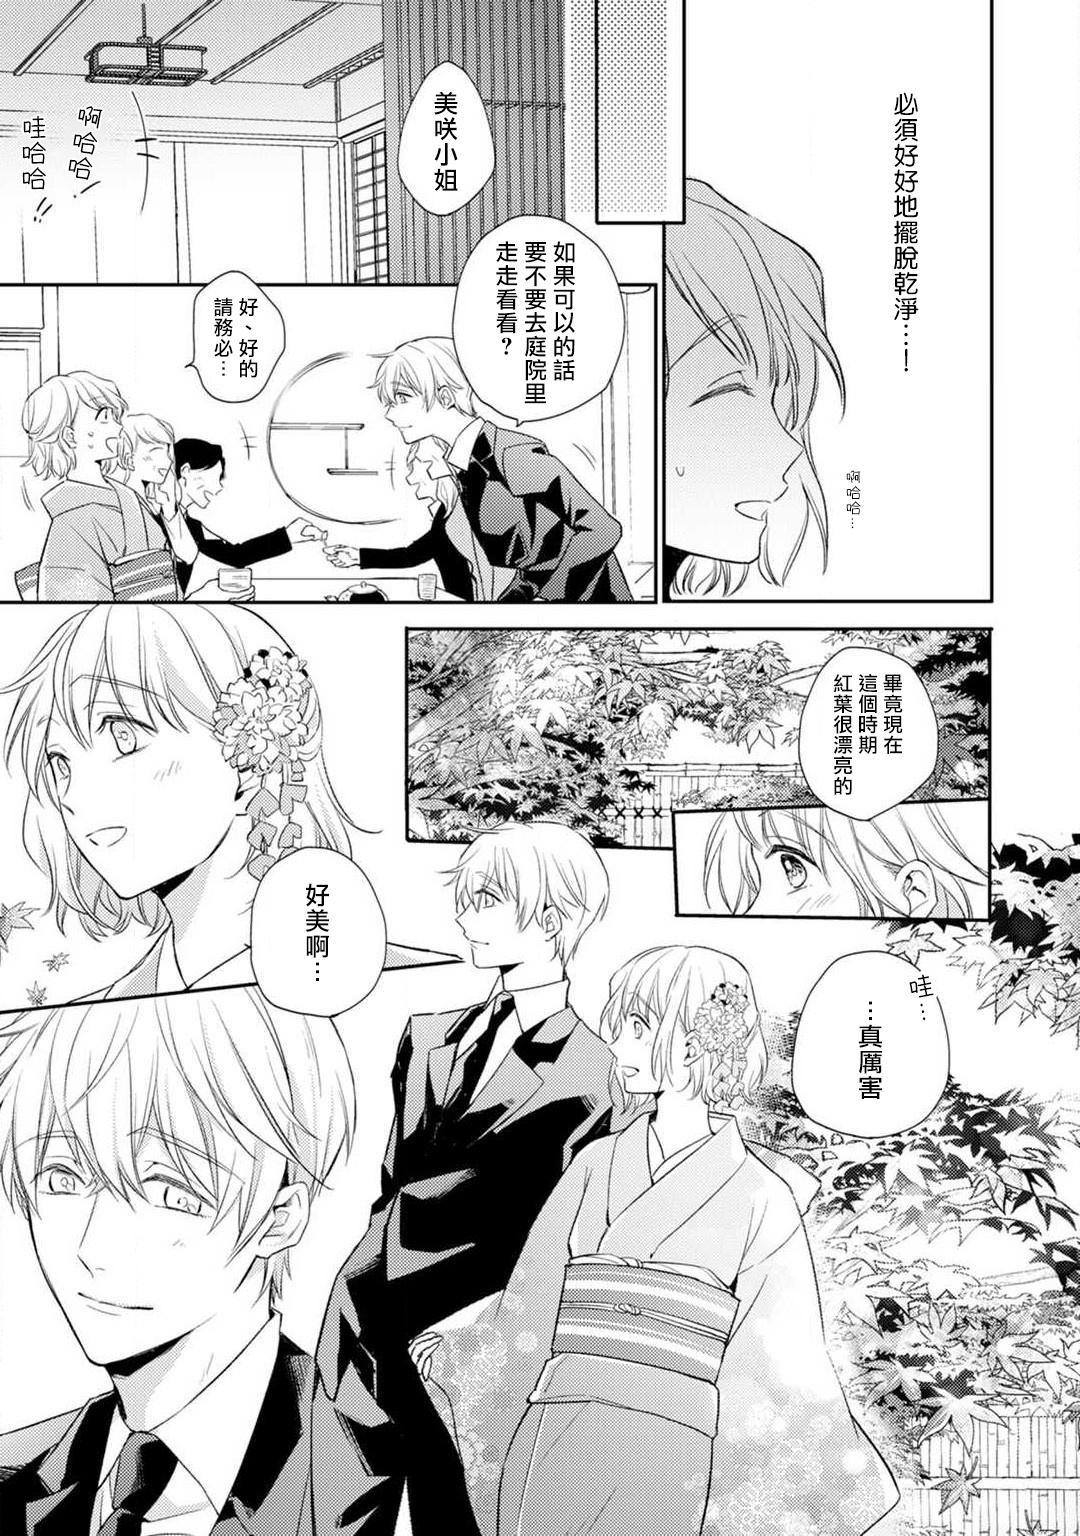 [Shichigatsu Motomi]  Sonna Kao shite, Sasotteru? ~Dekiai Shachou to Migawari Omiaikekkon!?~ 1-11  這種表情,在誘惑我嗎?~溺愛社長和替身相親結婚!? [Chinese] [拾荒者汉化组] 11